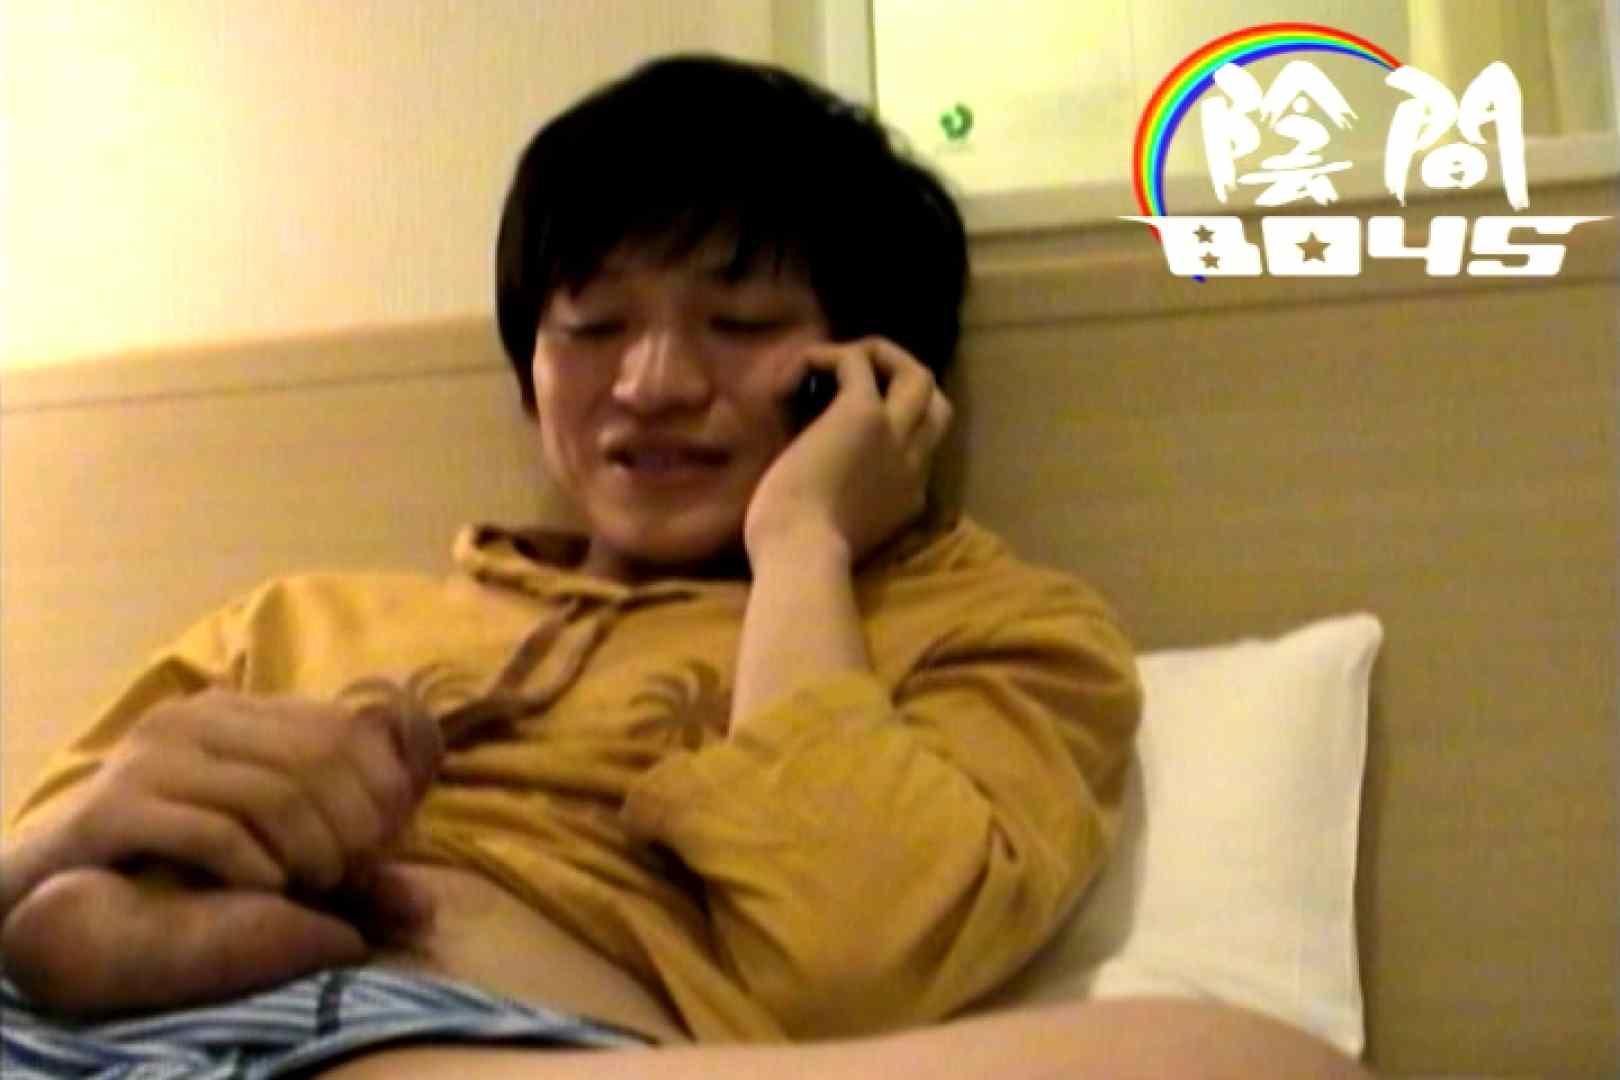 陰間BOYS~My holiday~02 ゲイのオナニー映像  85枚 3